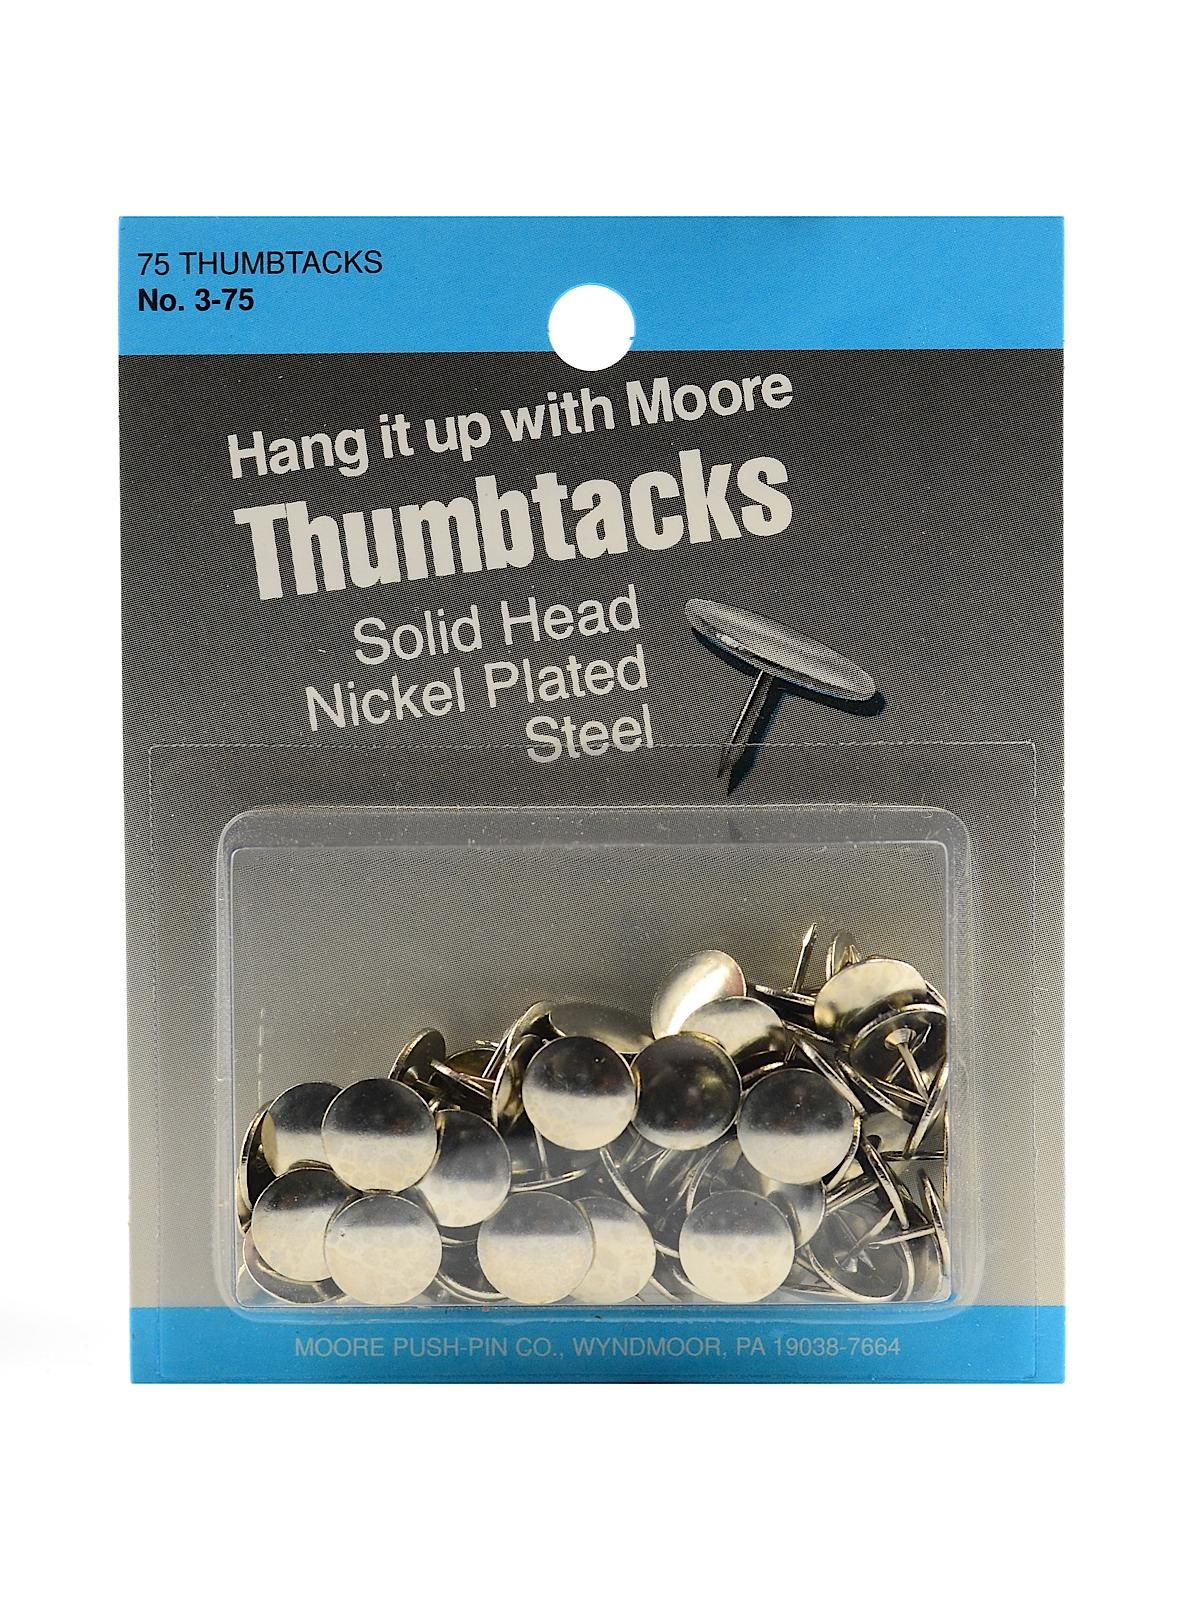 Solid Head, Nickel-Plated Thumbtacks